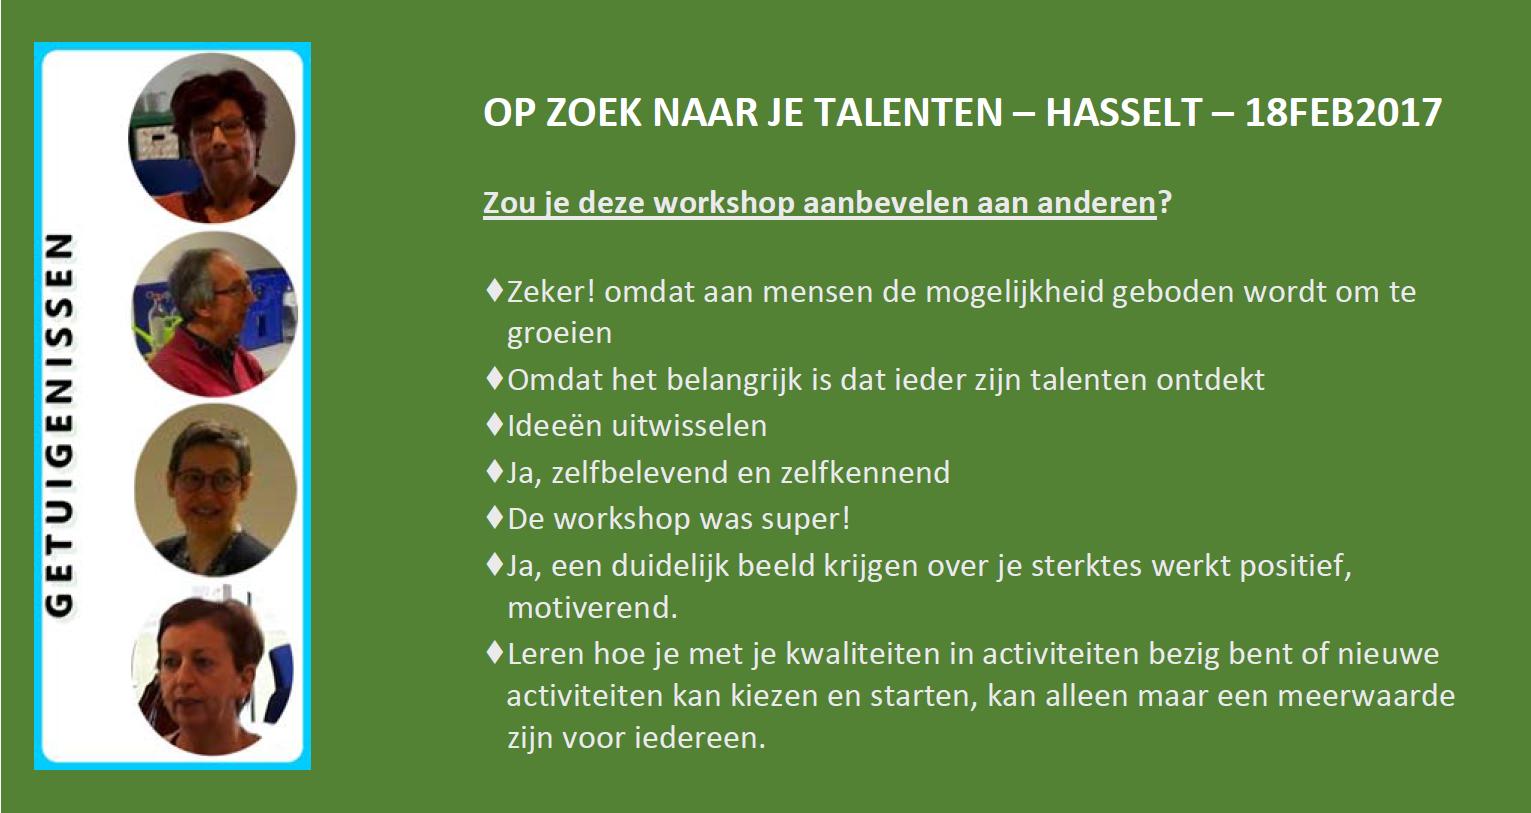 Evaluatie workshop OP ZOEK NAAR JE TALENTEN | Hasselt